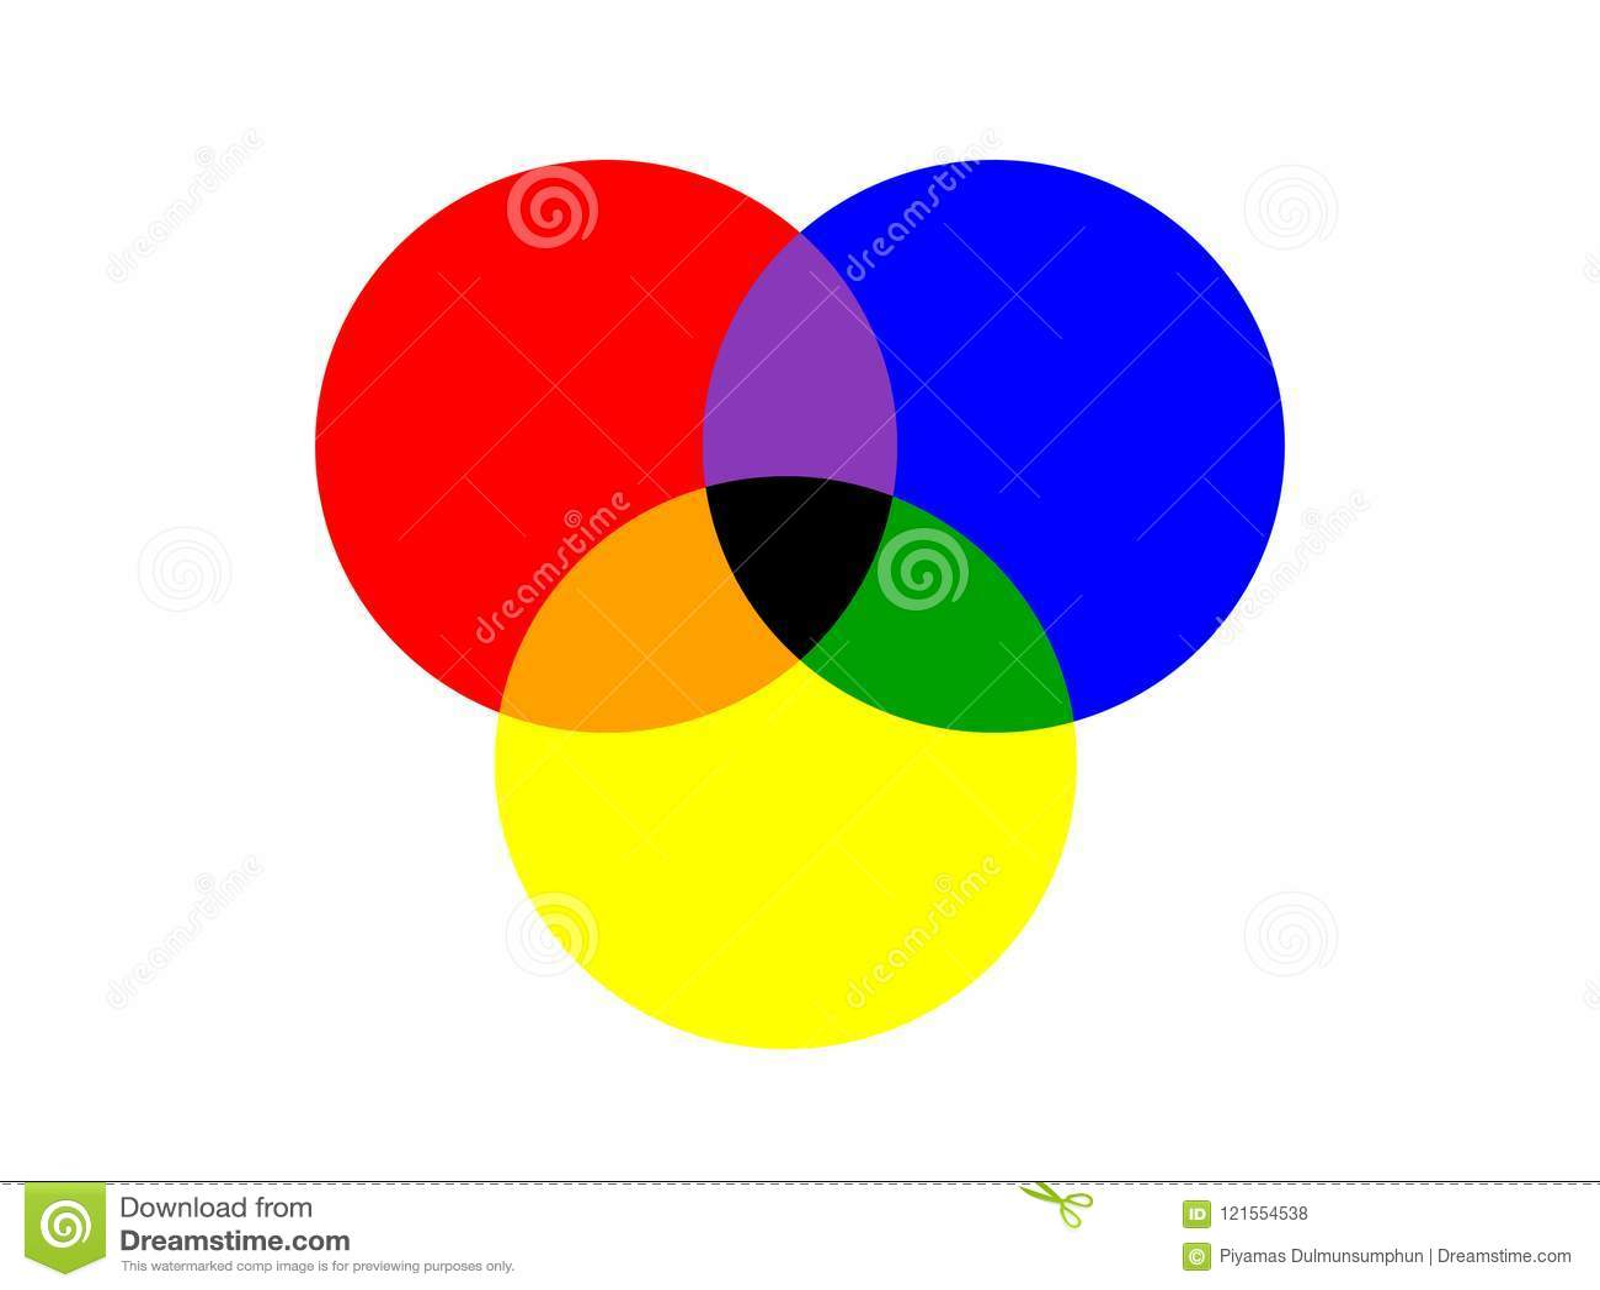 O círculo três básico de cores preliminares sobrepôs isolado no branco